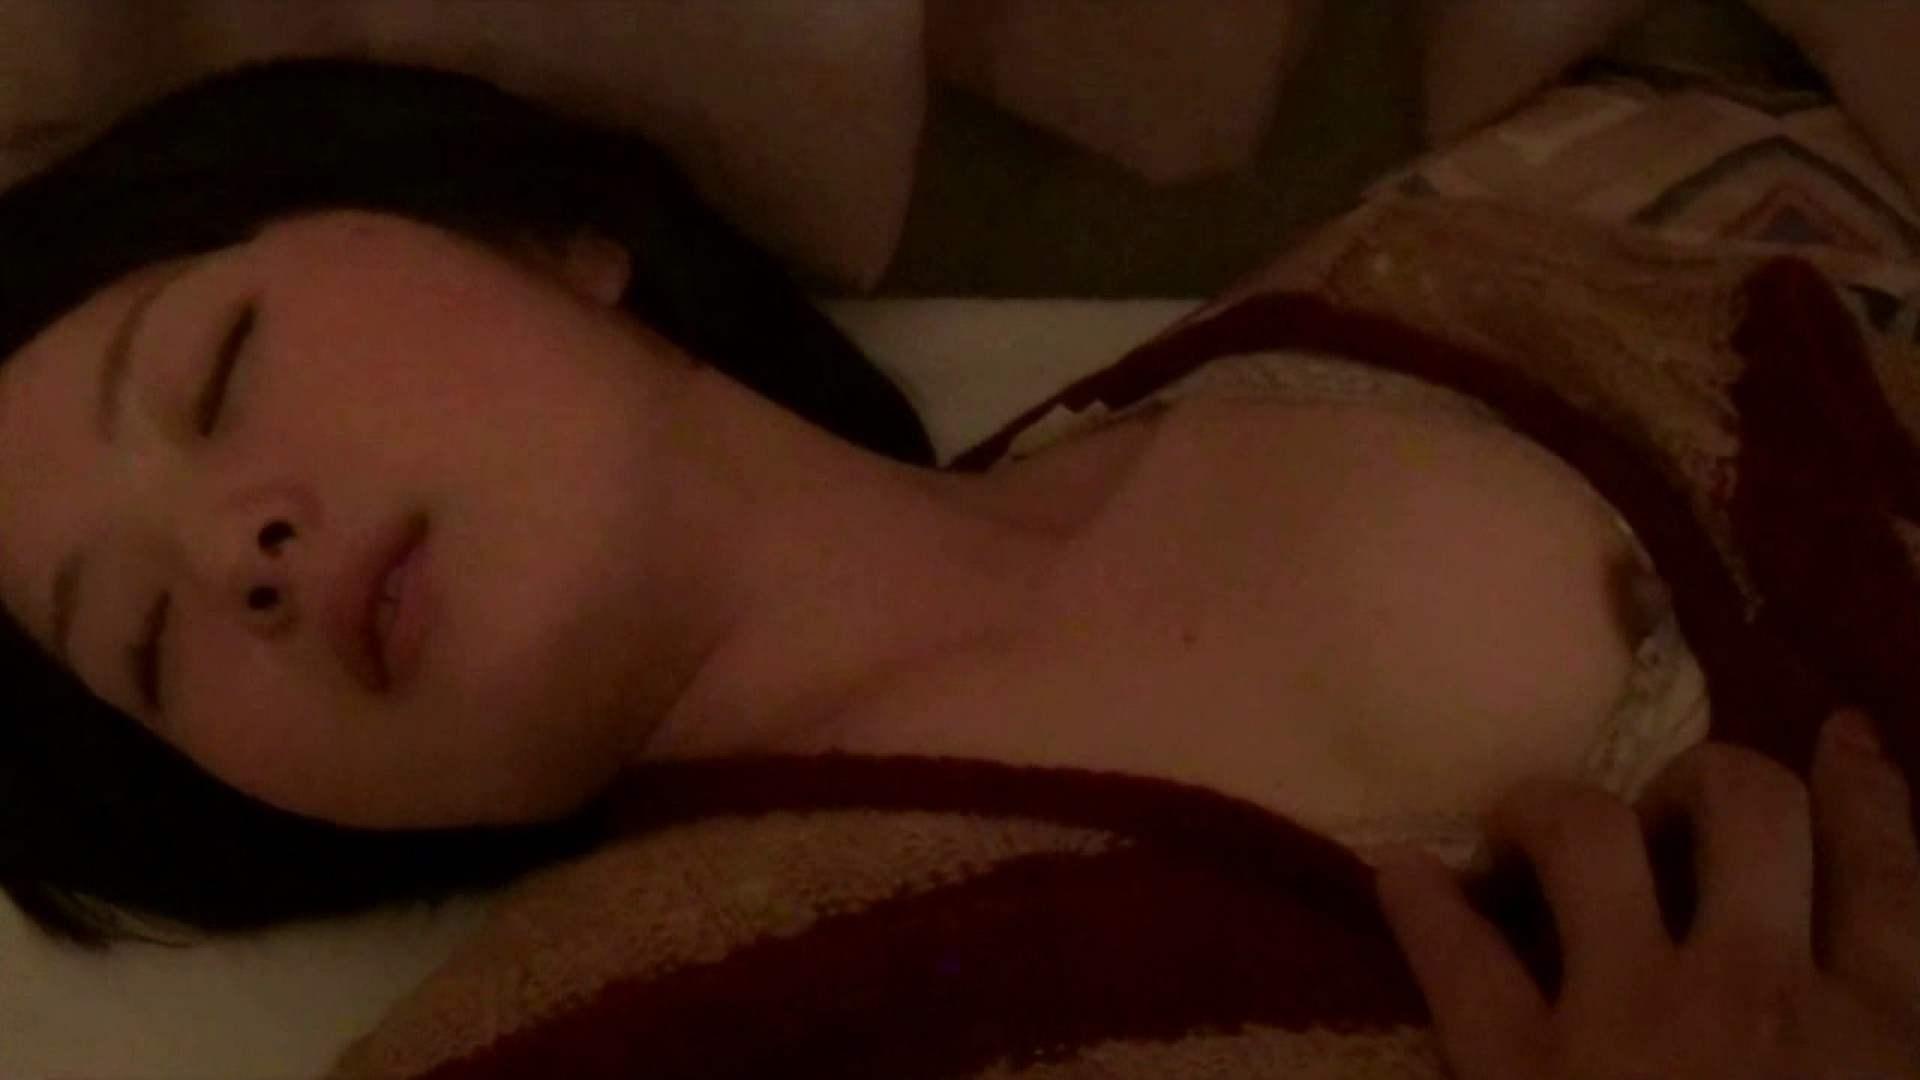 魔術師の お・も・て・な・し vol.29 女子大生のもてなし方 女子大生丸裸   美しいOLの裸体  103pic 88